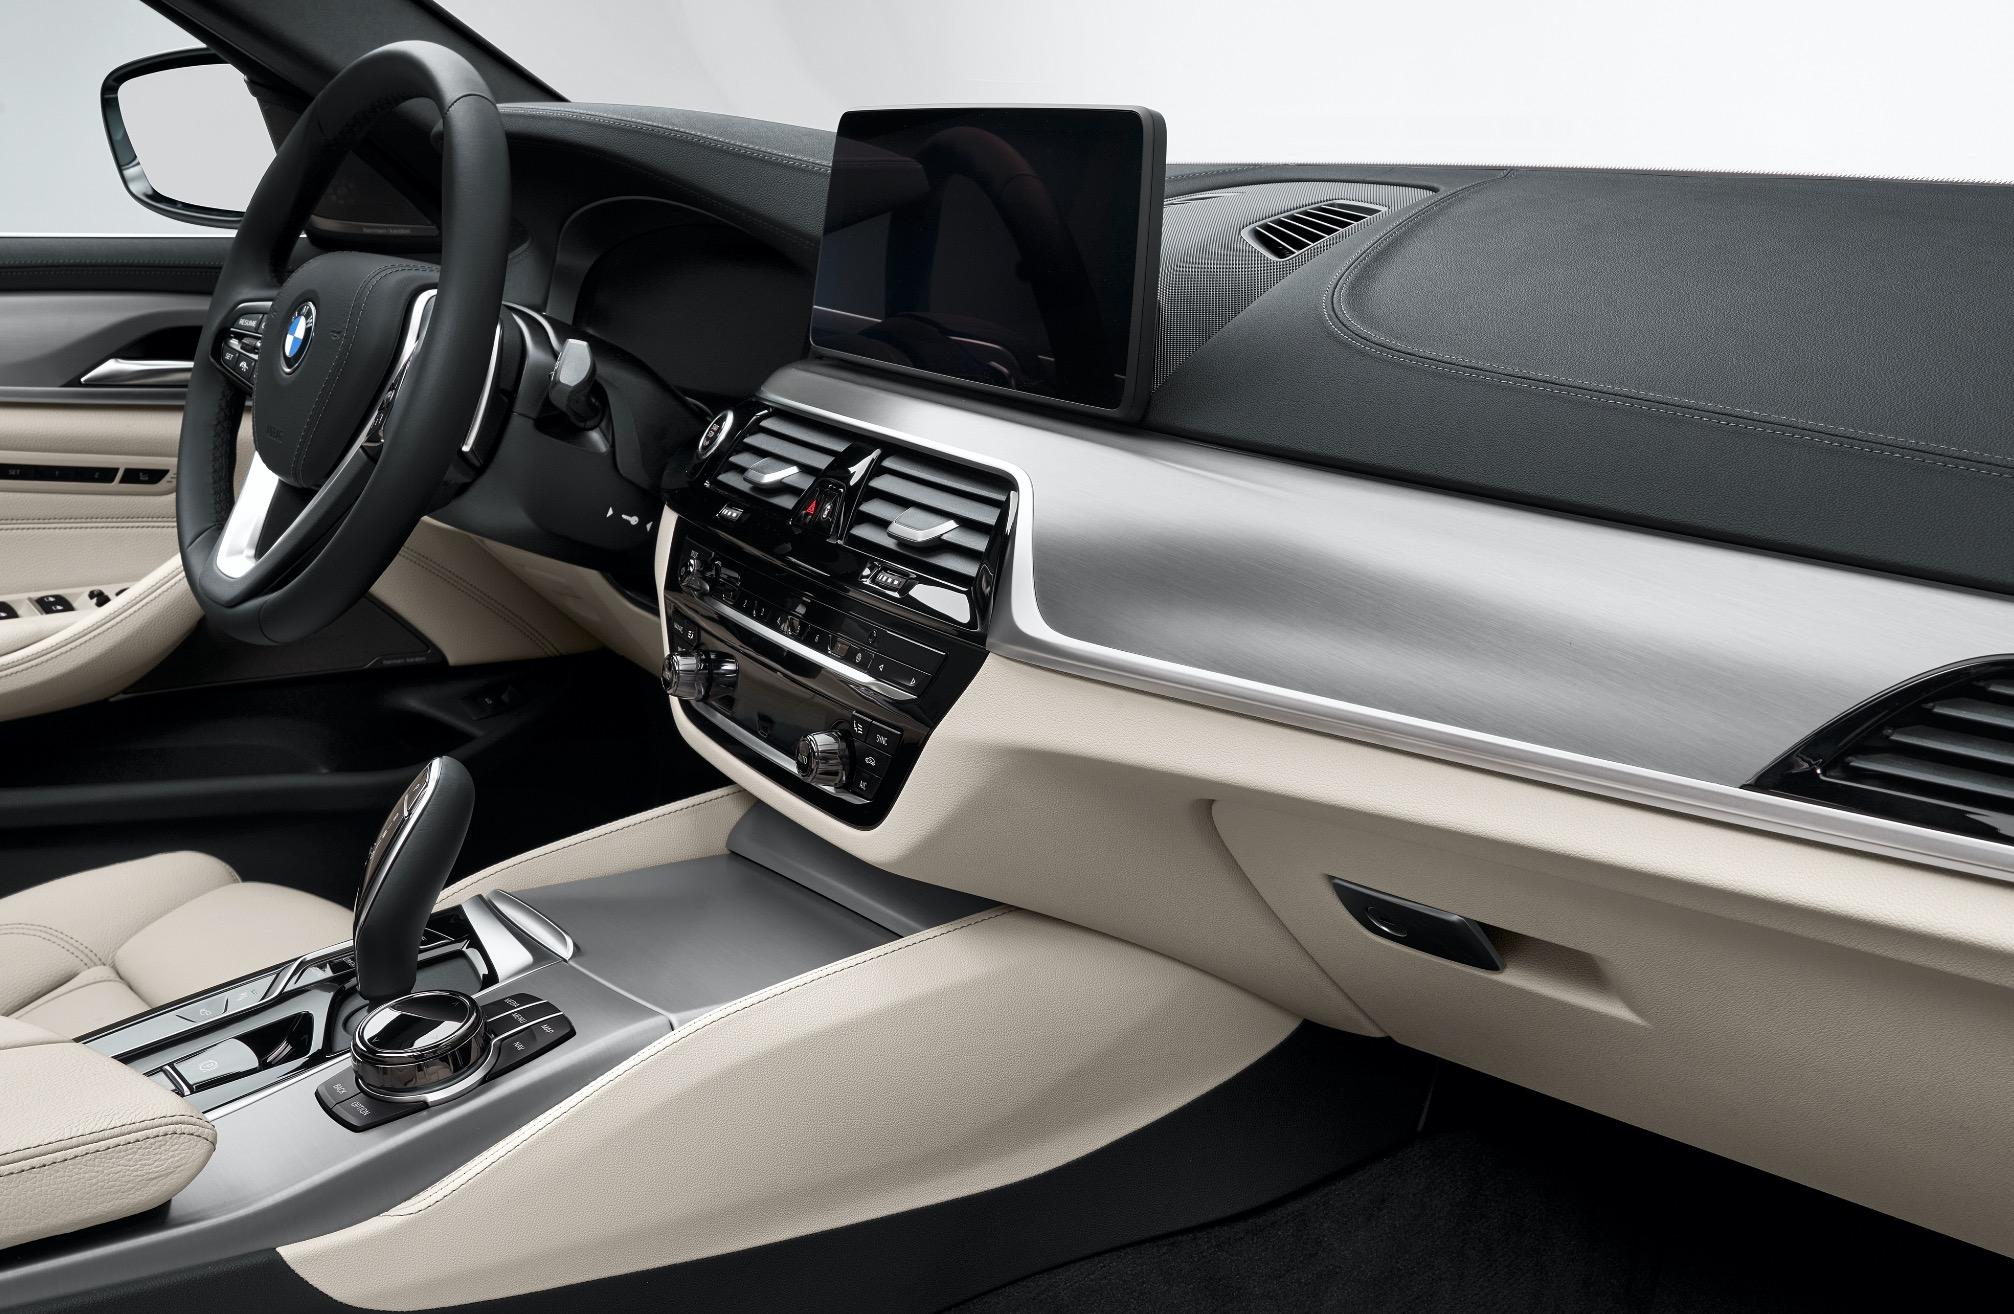 Neuer BMW 5er 2020 Facelift Limousine und Touring - Autogefühl